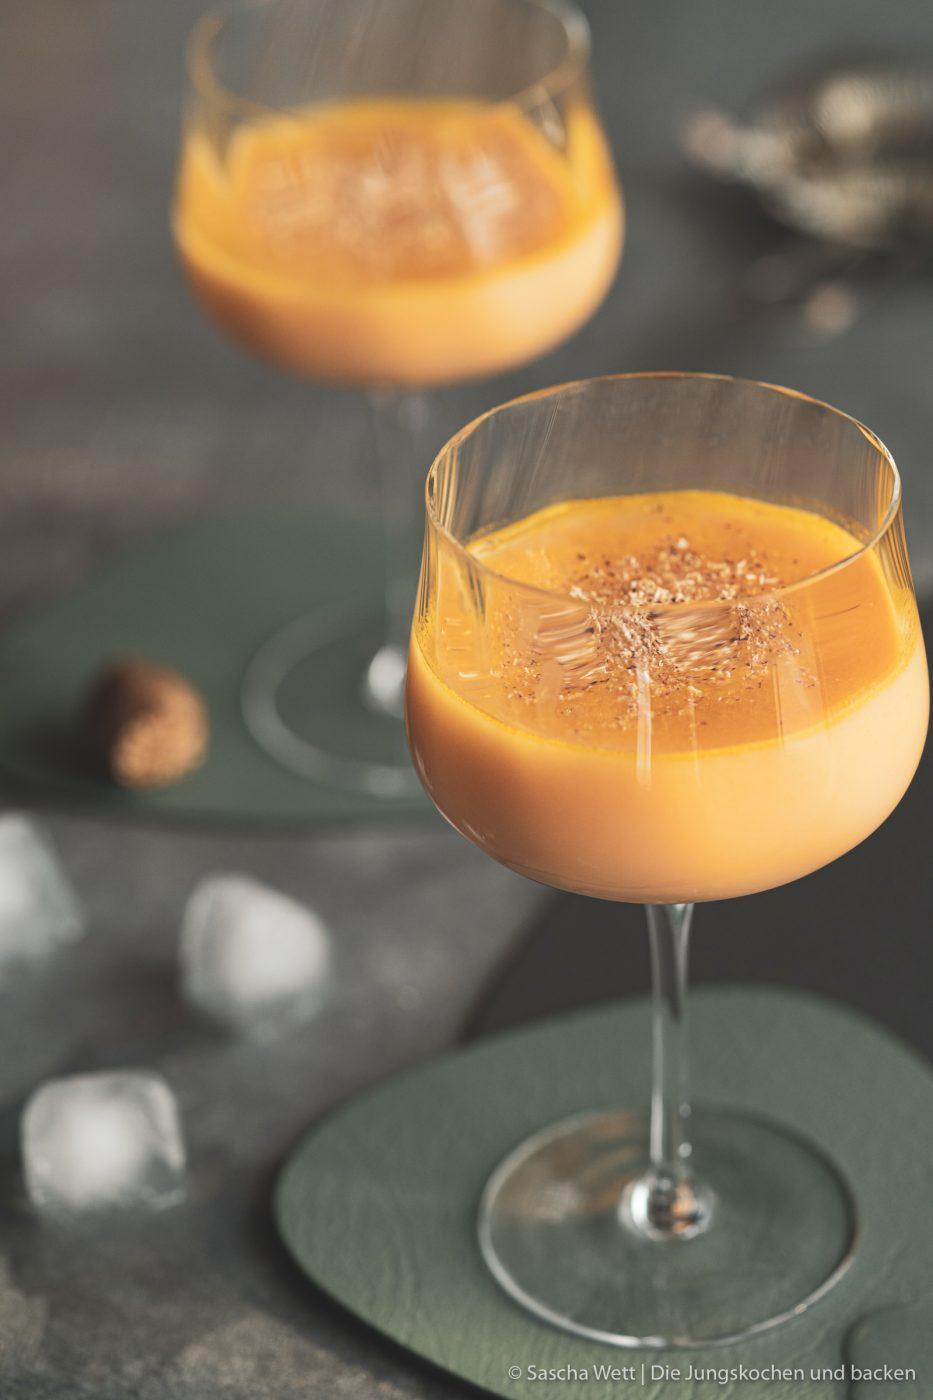 Sundown Eggnog Verpoorten 5 | Wir gehen auch schon in die zweite Runde unserer IGTV-Reihe Unser Schnapsregal! Dieses Mal haben wir einen leckeren Cocktail für euch im Gepäck und der ist der perfekte Drink für einen entspannten Feierabend. Wenn die Sonne orangerot am Himmel steht, kann man so langsam in den Entspannungsmodus wechseln, denn das ist doch die schönste Zeit des Tages. Genau für diese Stunden haben wir den Sundown Eggnog kreiert - so heißt unsere Eierlikör-Cocktail-Kreation. Wir sind RIESEN Fans von Eierlikör, das wisst ihr ja alle. Und daher können wir nicht glücklicher sein, das Traditionsunternehmen Verpoorten an unserer Seite zu wissen.